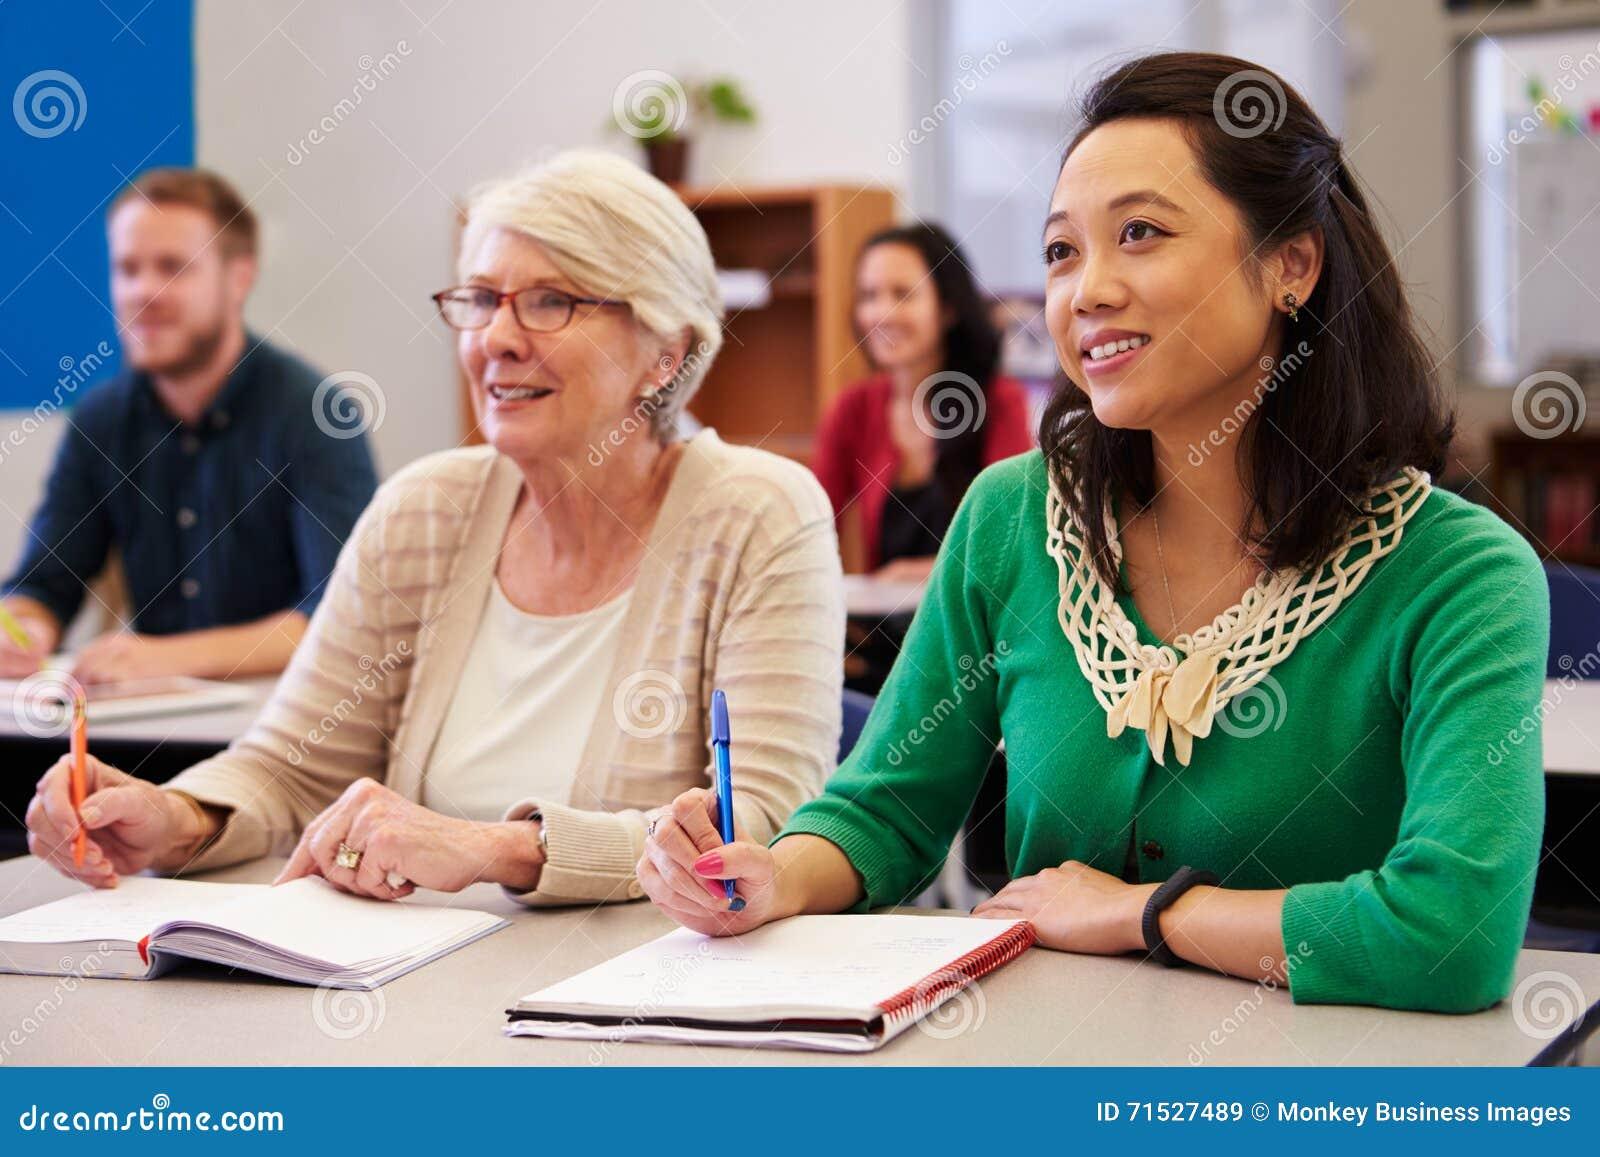 Zwei Frauen, die einen Schreibtisch an einer Erwachsenenbildungsklasse teilen, schauen oben